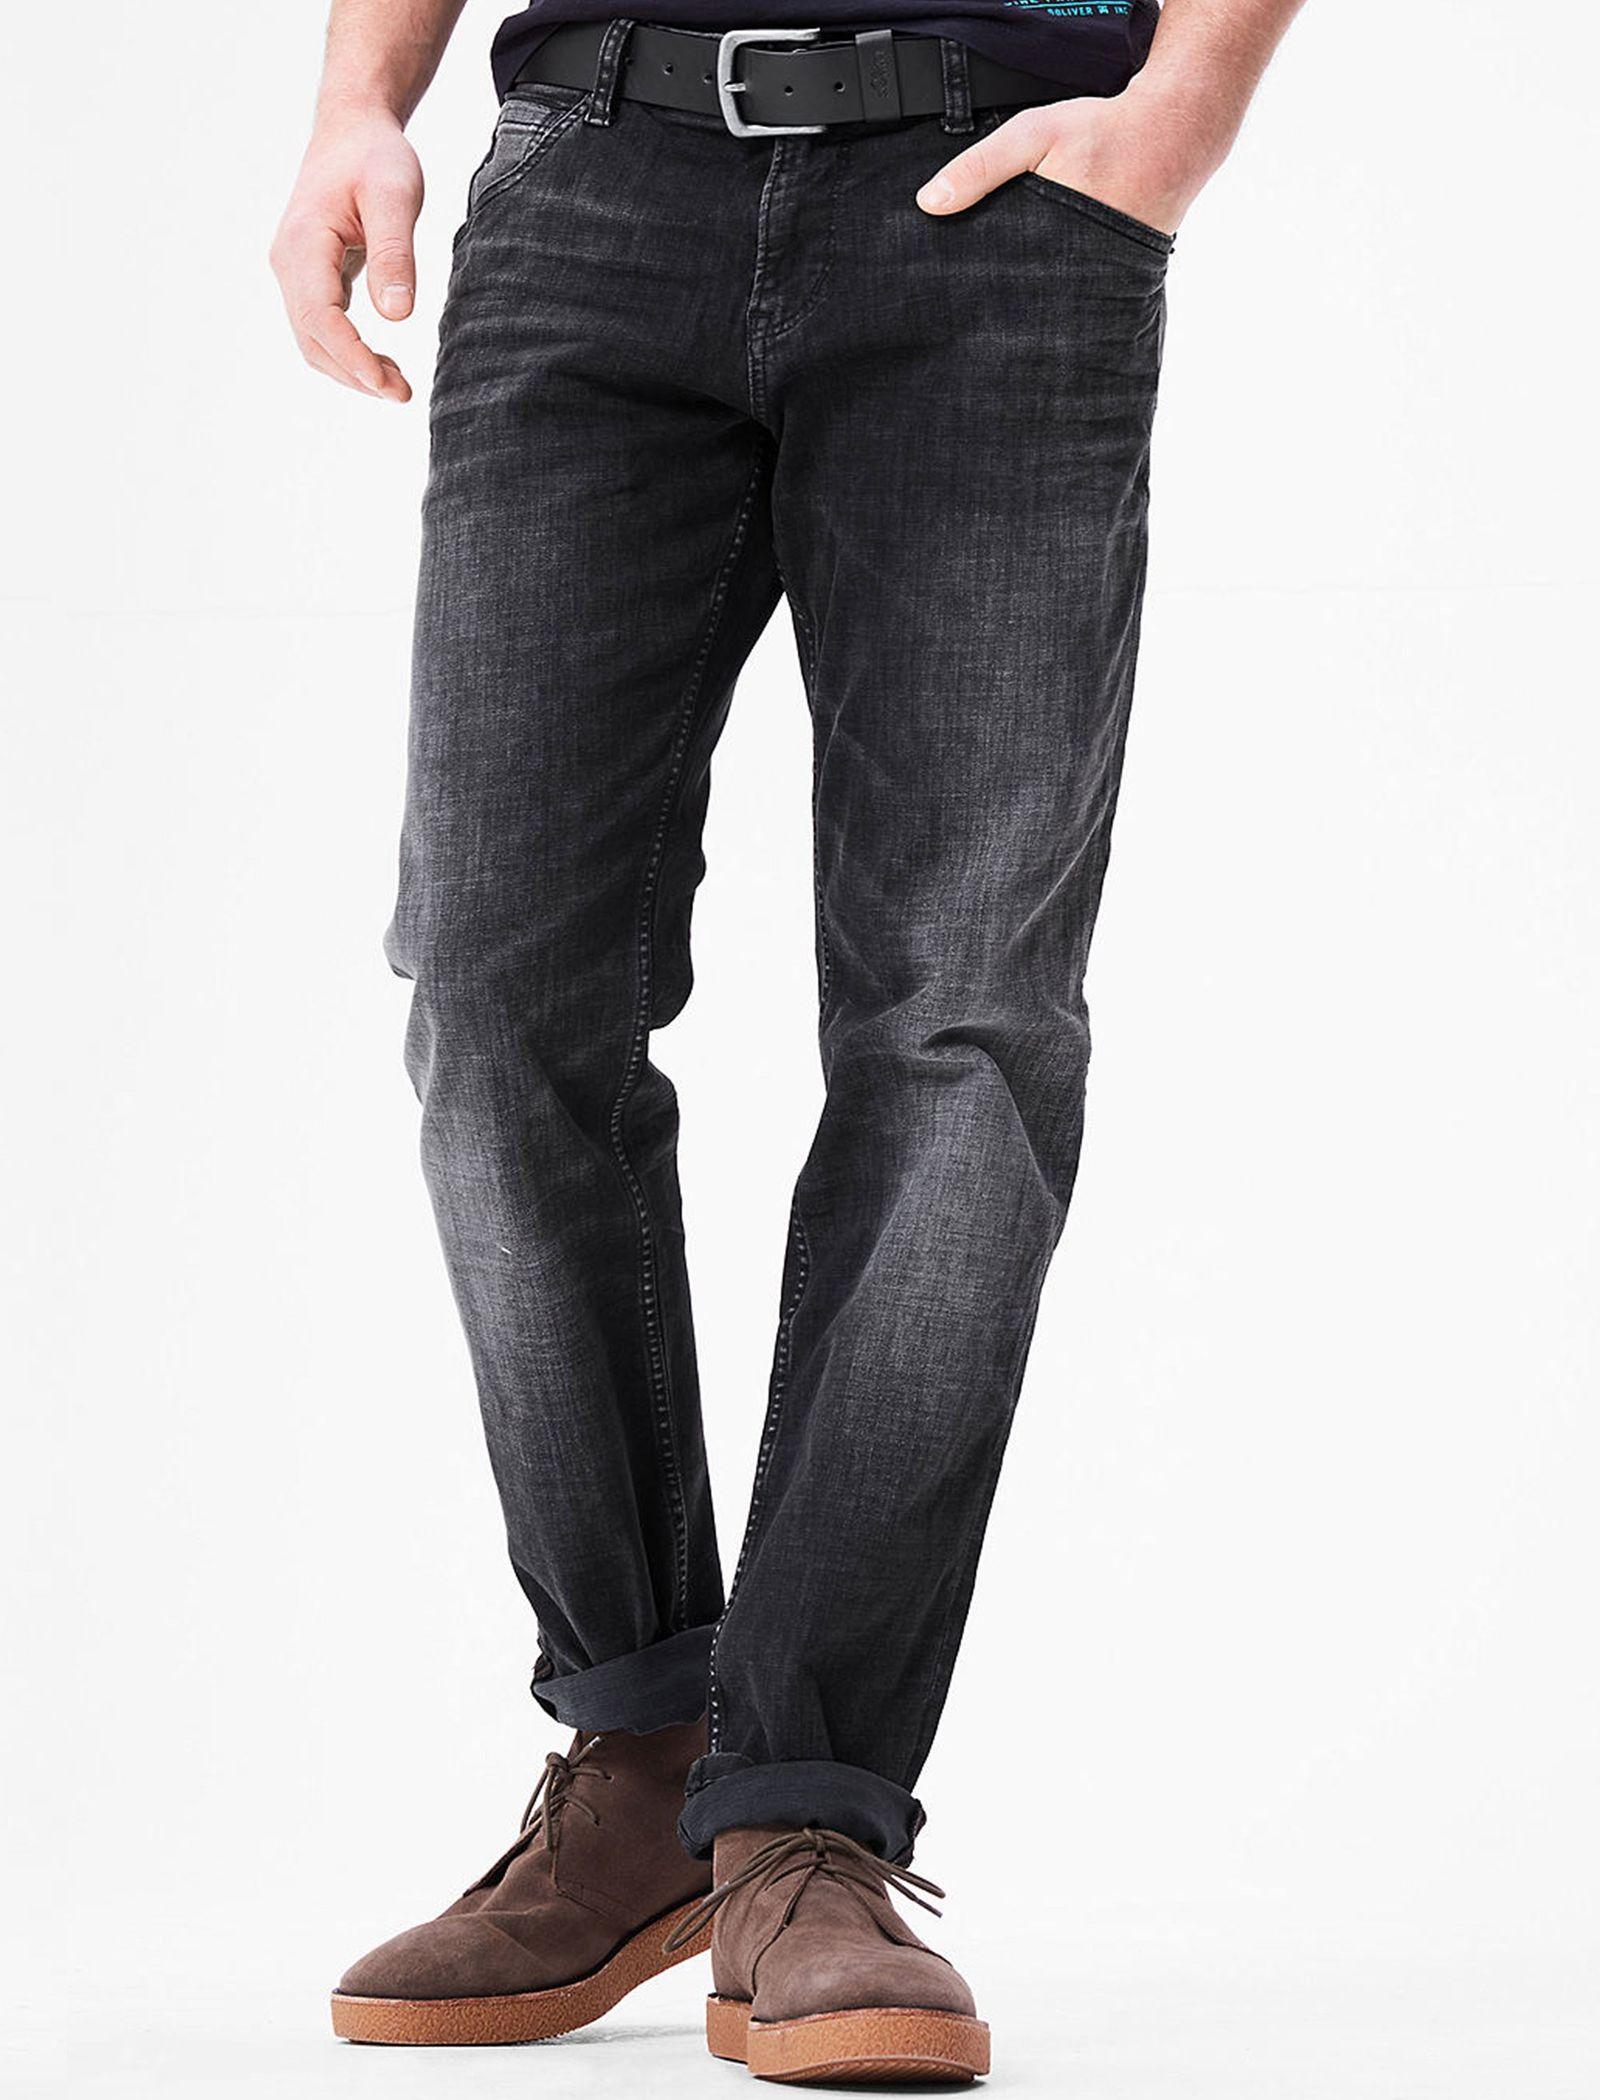 شلوار جین راسته مردانه - اس.اولیور - طوسي تيره - 5